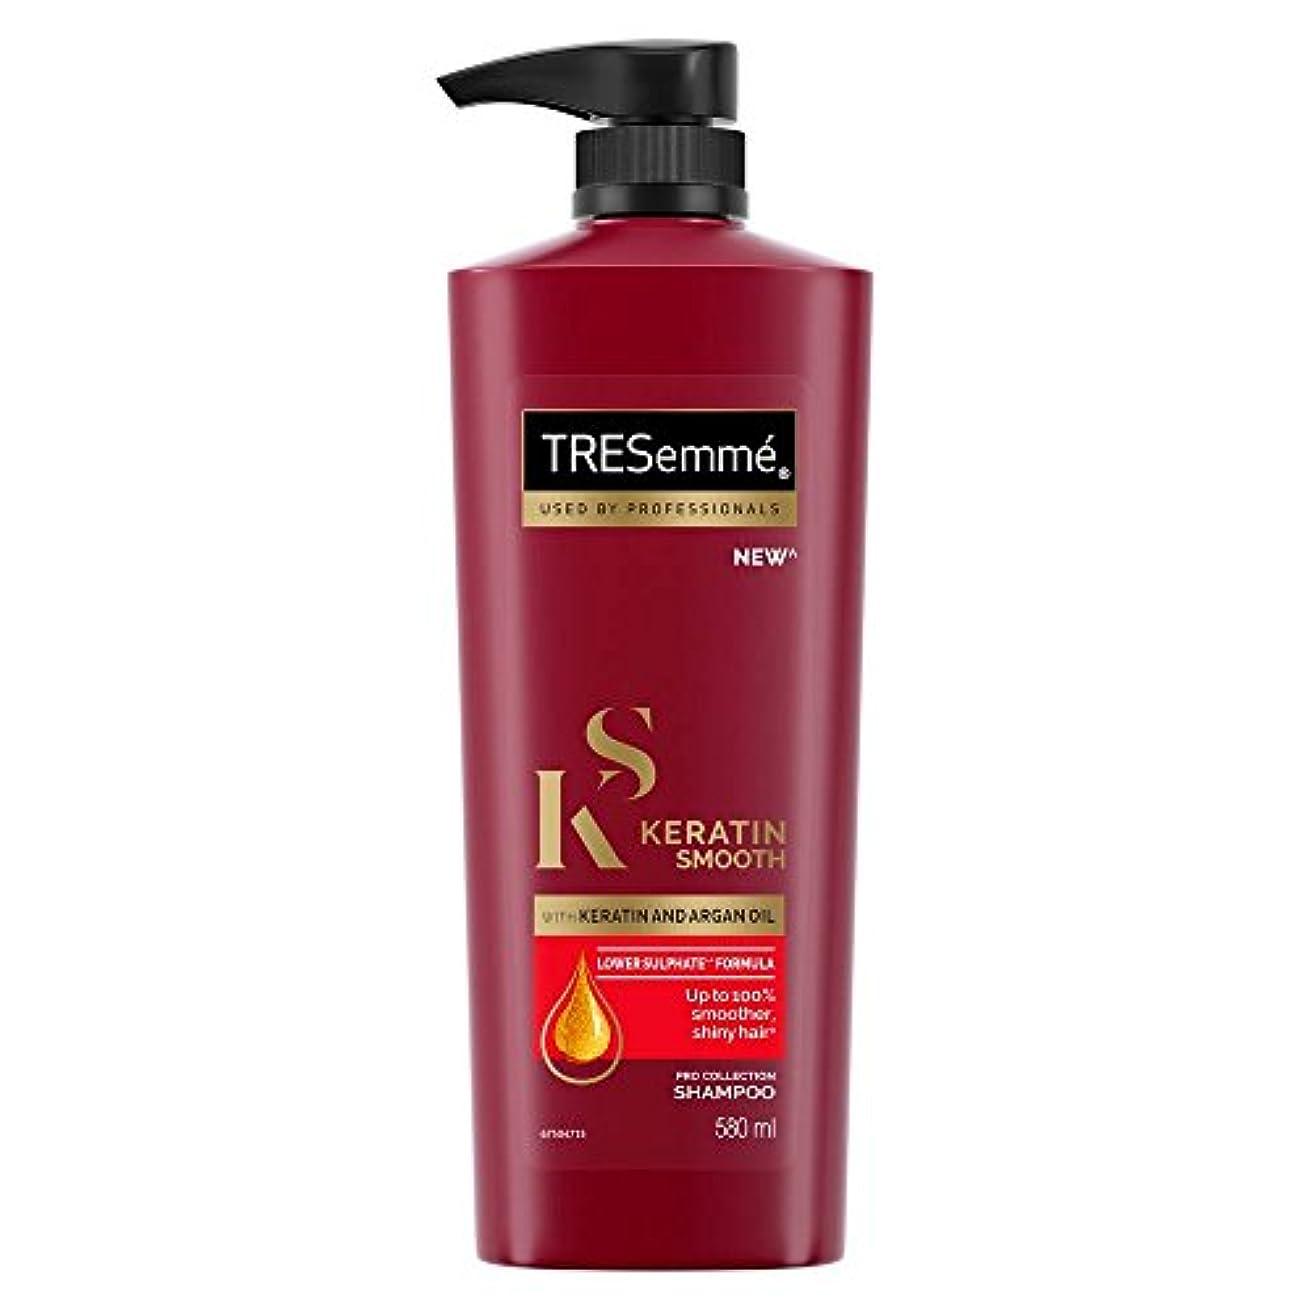 寄稿者光支払うTRESemme Keratin Smooth Shampoo, 580ml (TRESemmeケラチンスムースシャンプー、580ml)